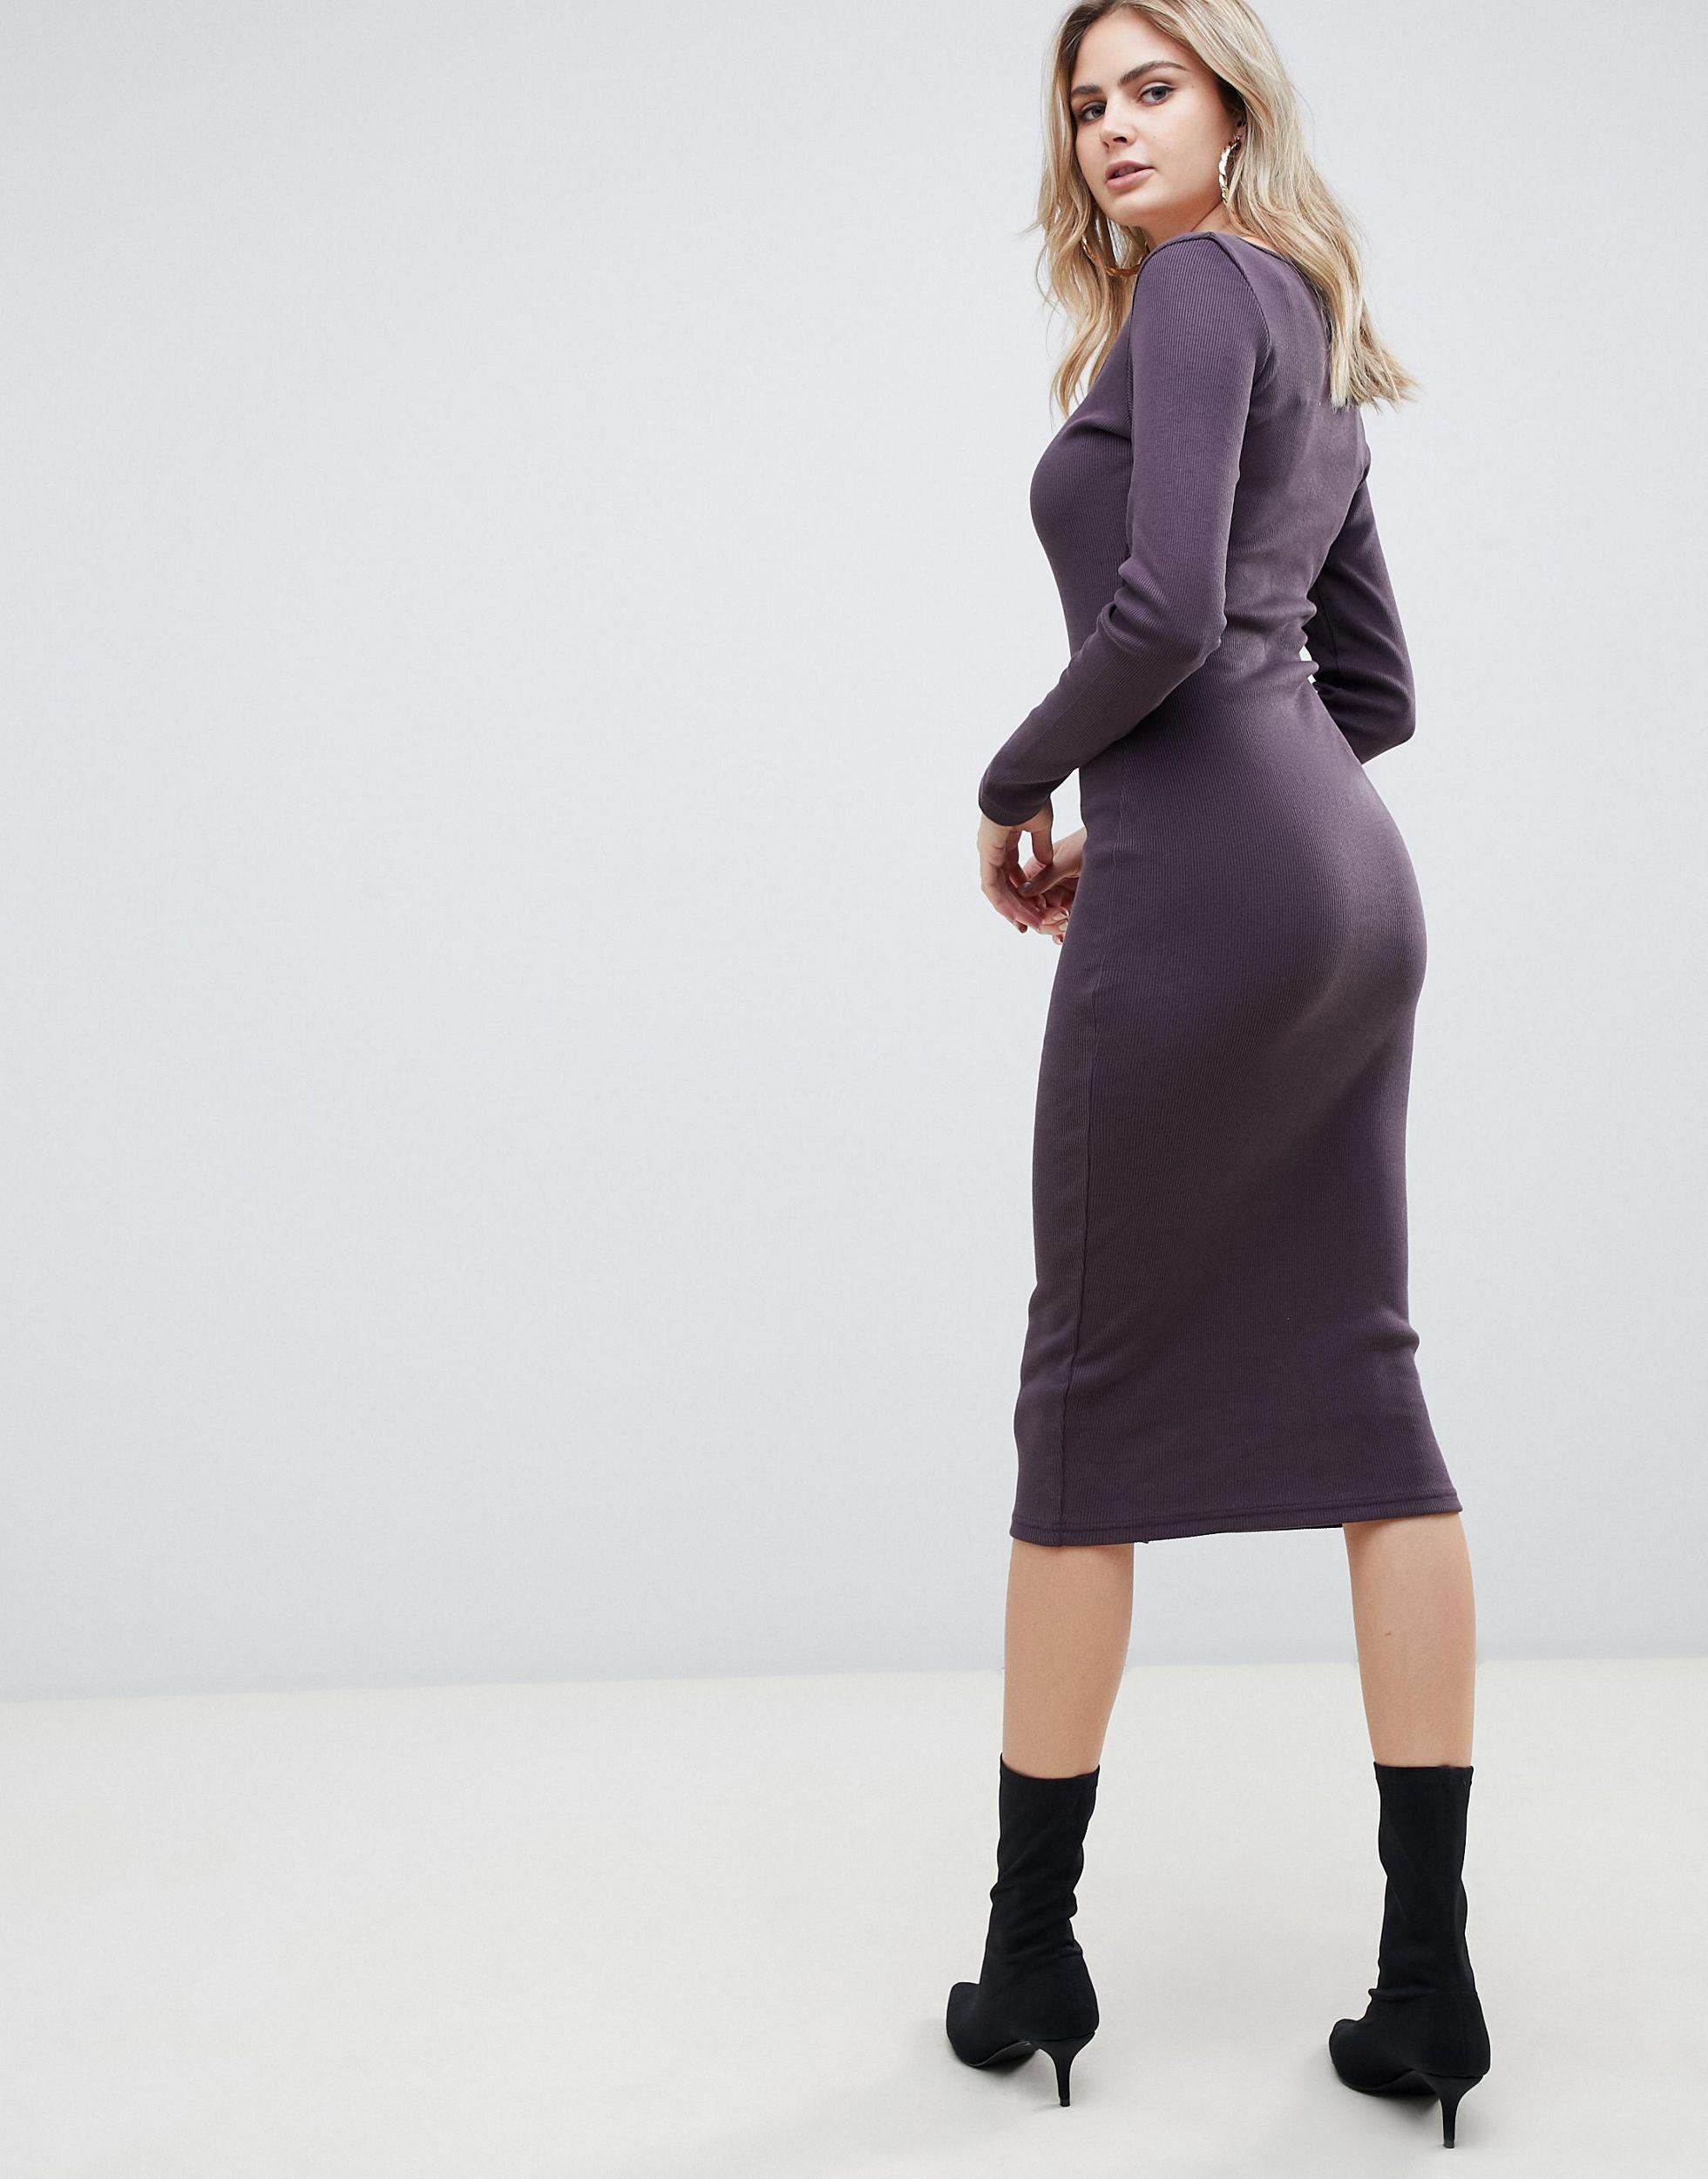 Vestido midi Missguided de Tejido sintético de color Marrón